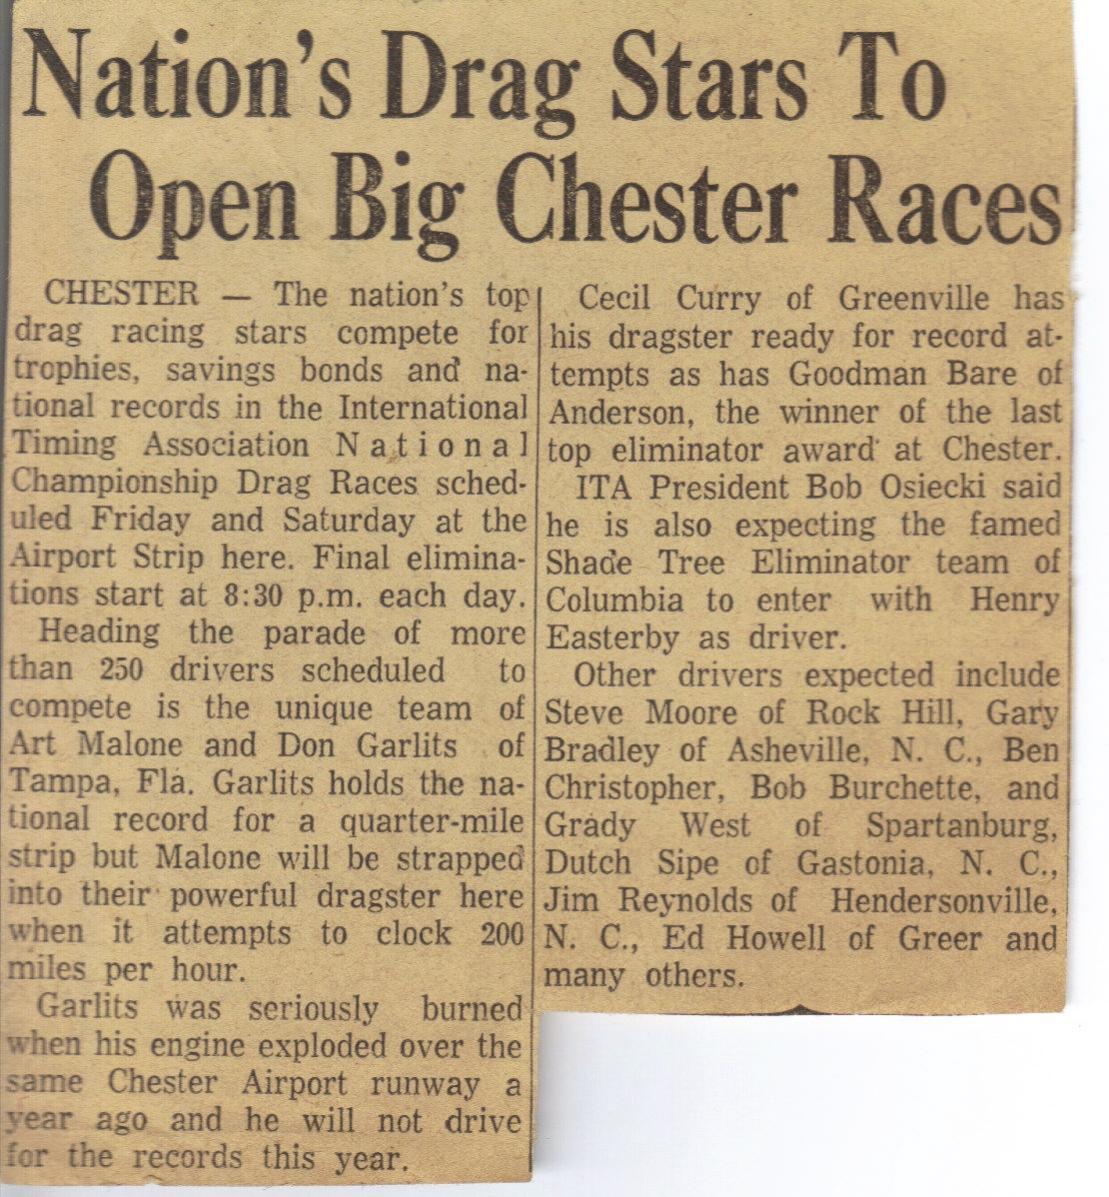 Nation's Drag Stars.jpg